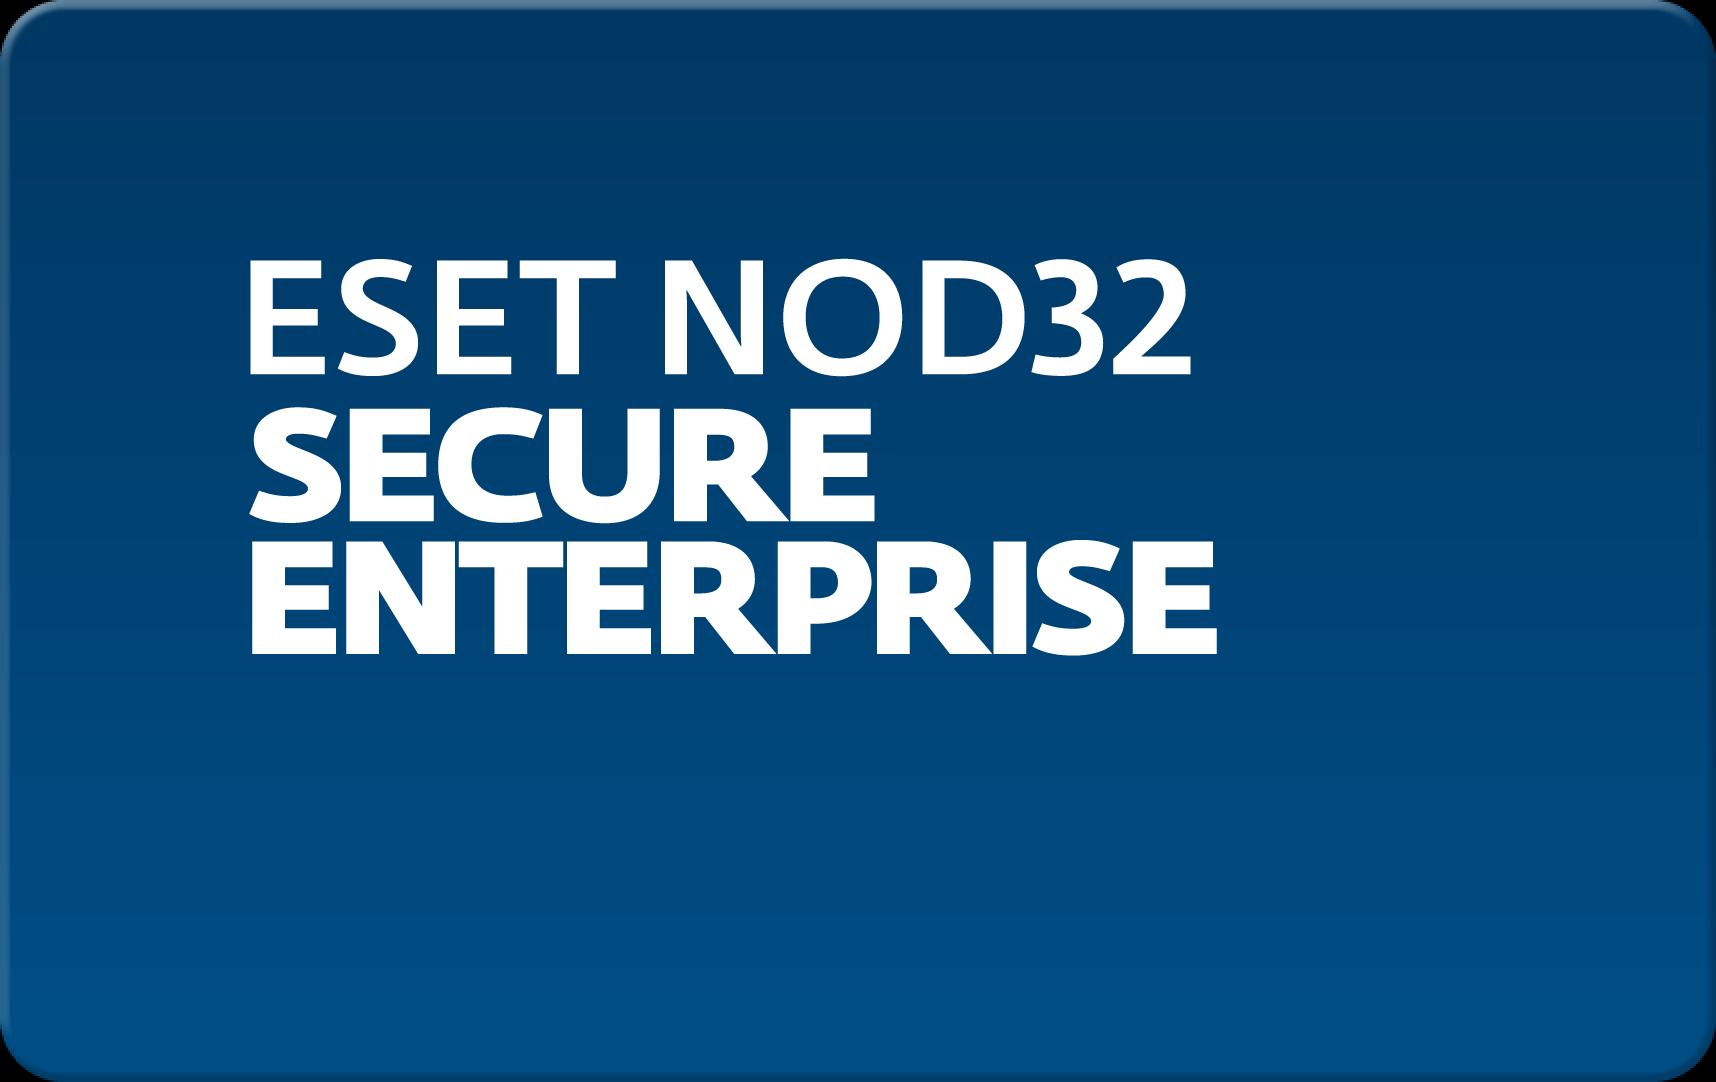 Кроссплатформенная антивирусная защита всех узлов корпоративной сети ESET Eset NOD32 Secure Enterprise  для 29 пользователей